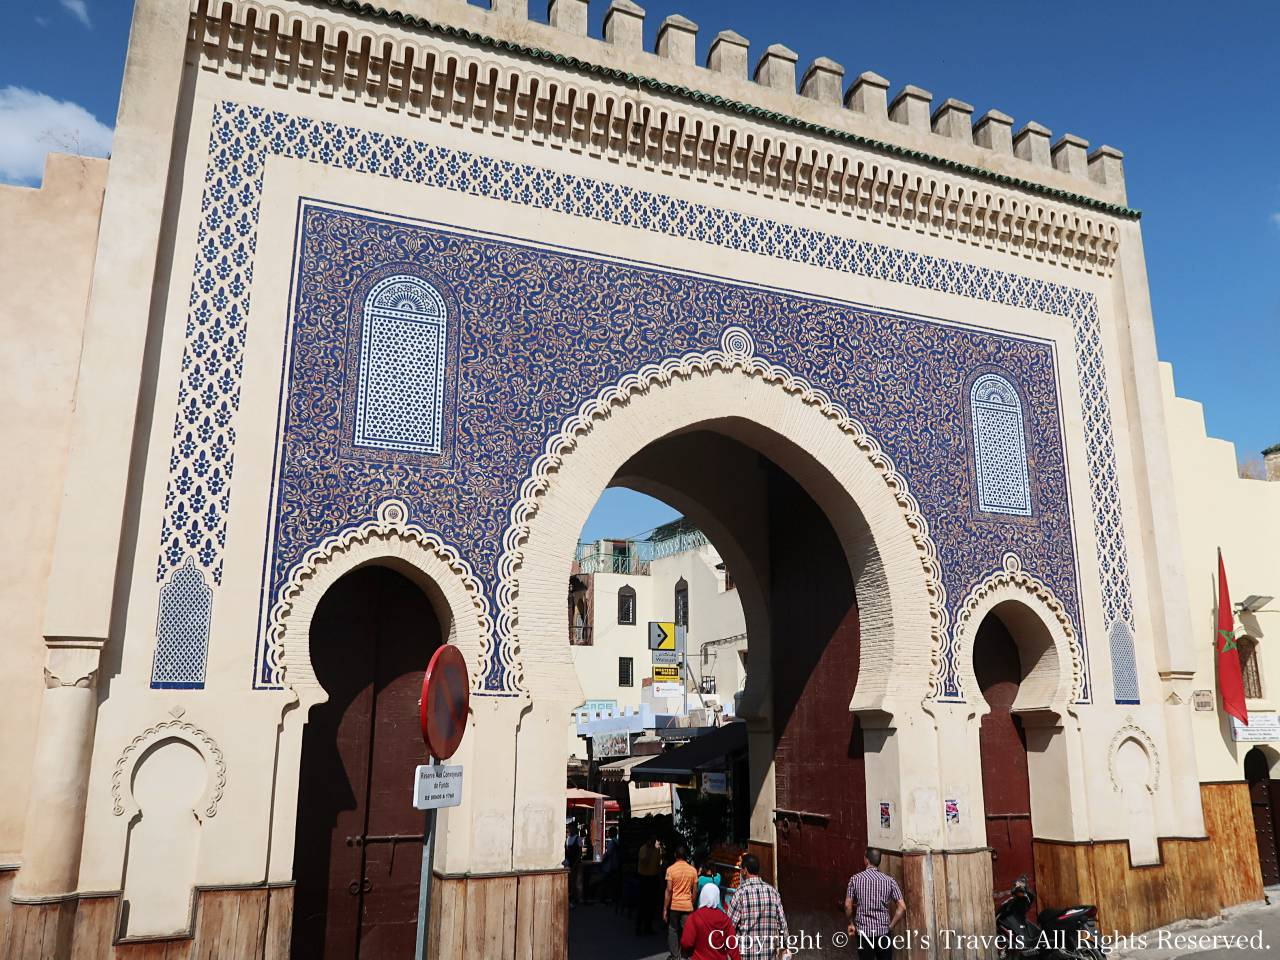 フェズの旧市街のブージュルード門